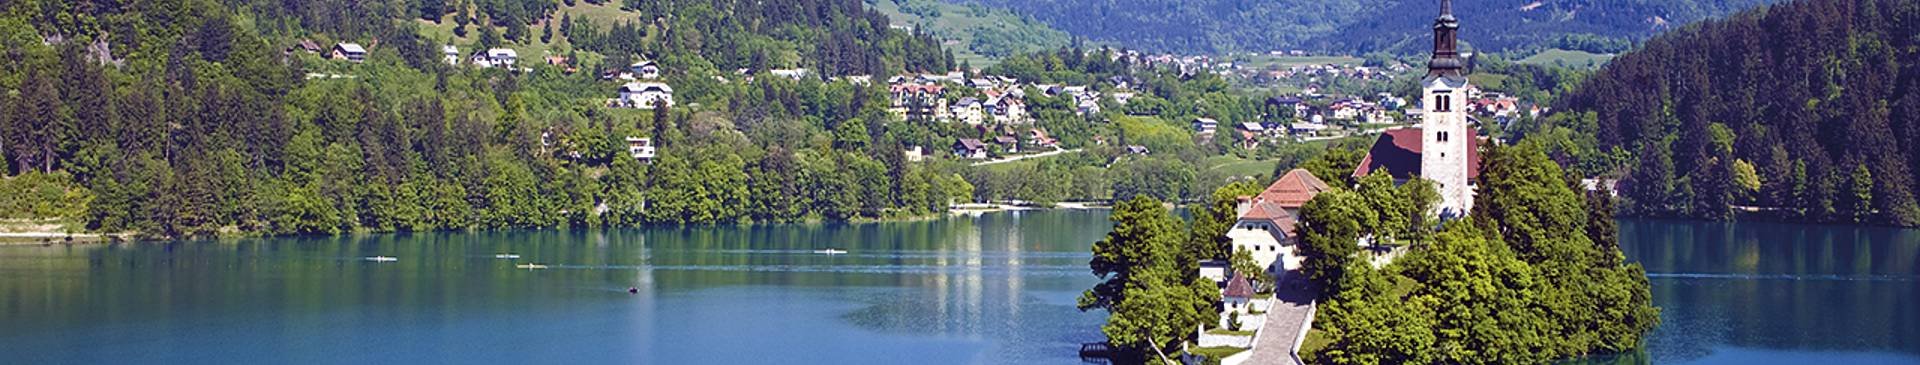 Viajes a Eslovenia en invierno